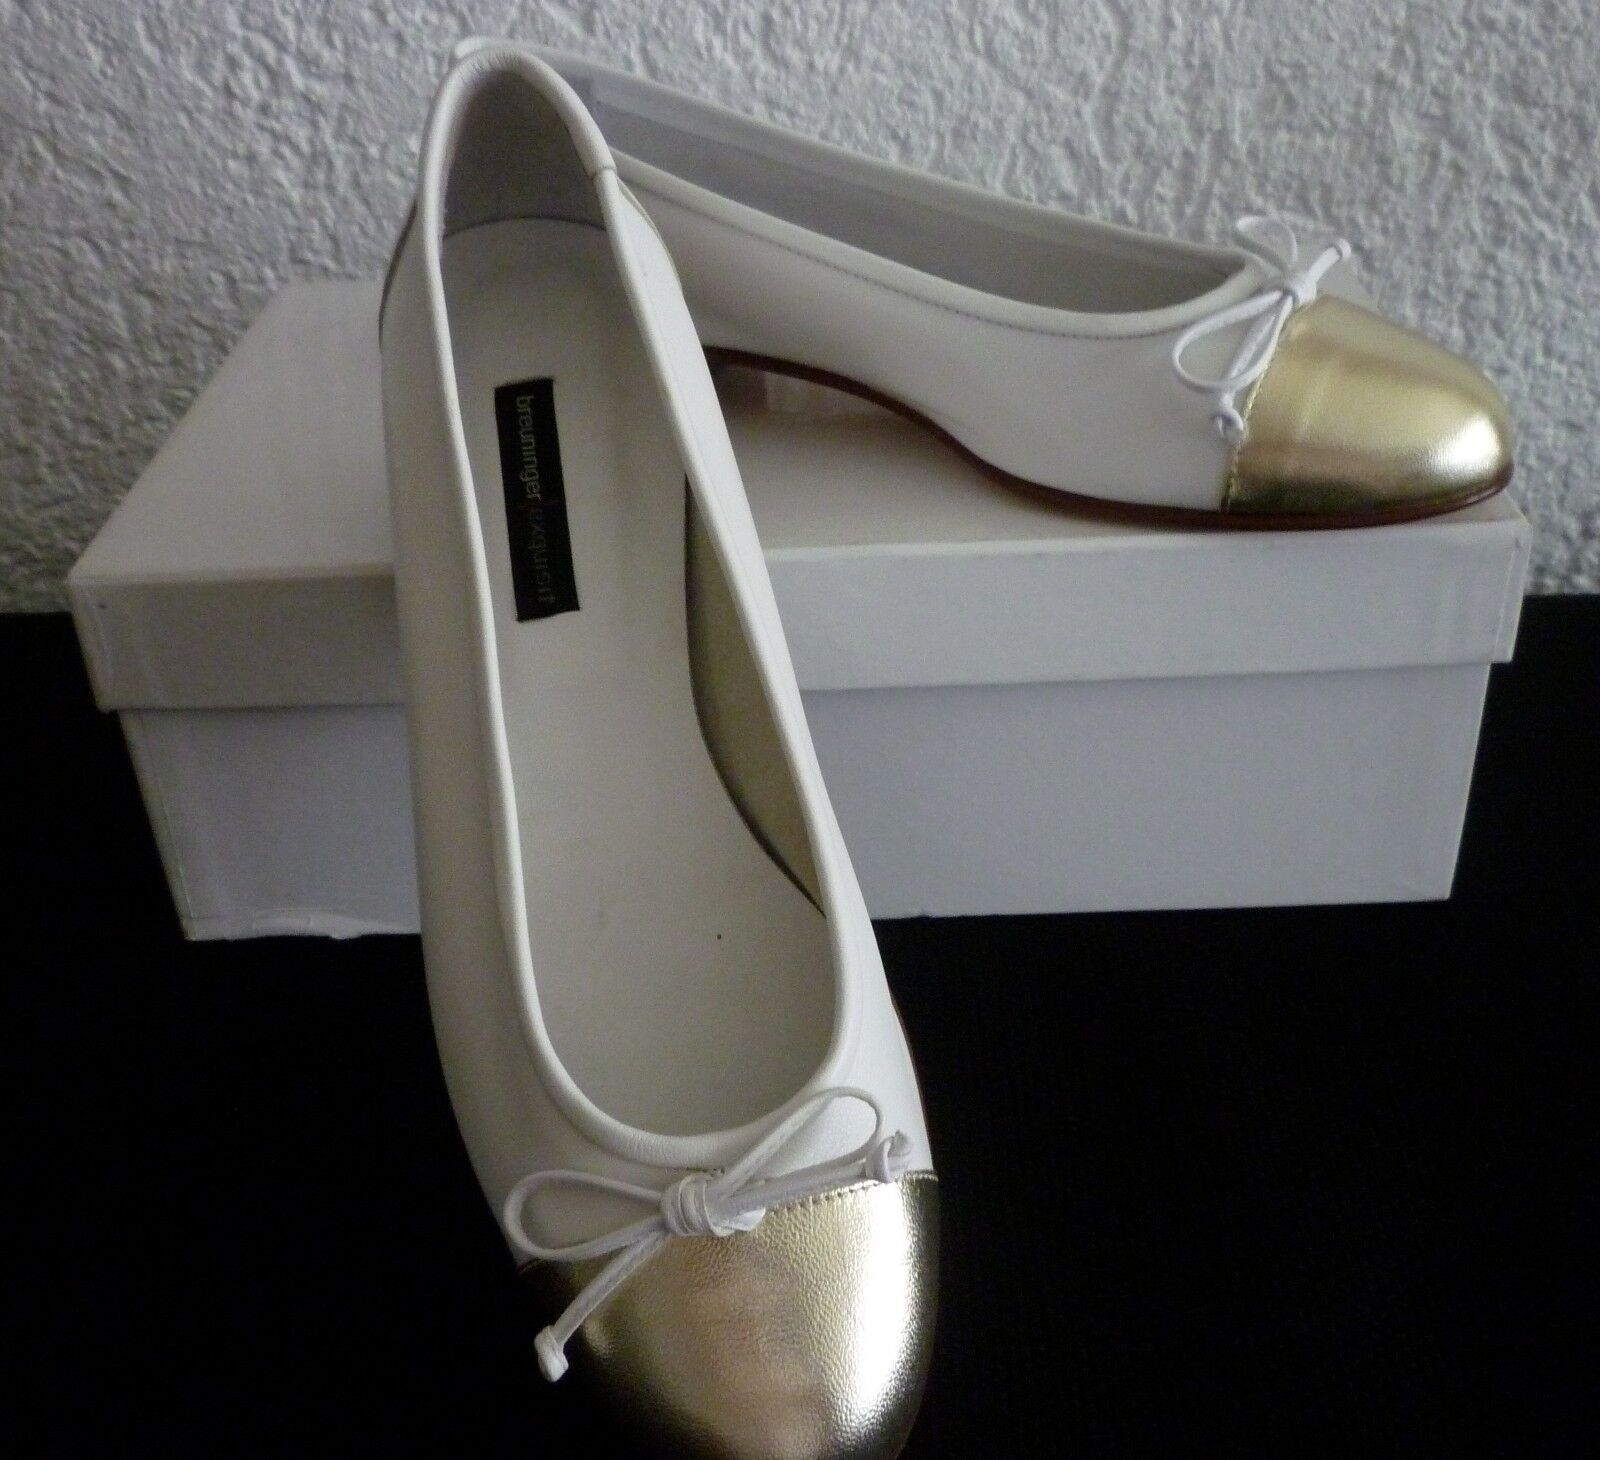 breuninger exquisit Ballerinas - Breuninger Stuttgart - Ballerinas exquisit Gr. 38 weiß - NEU Kart. ef4e5d